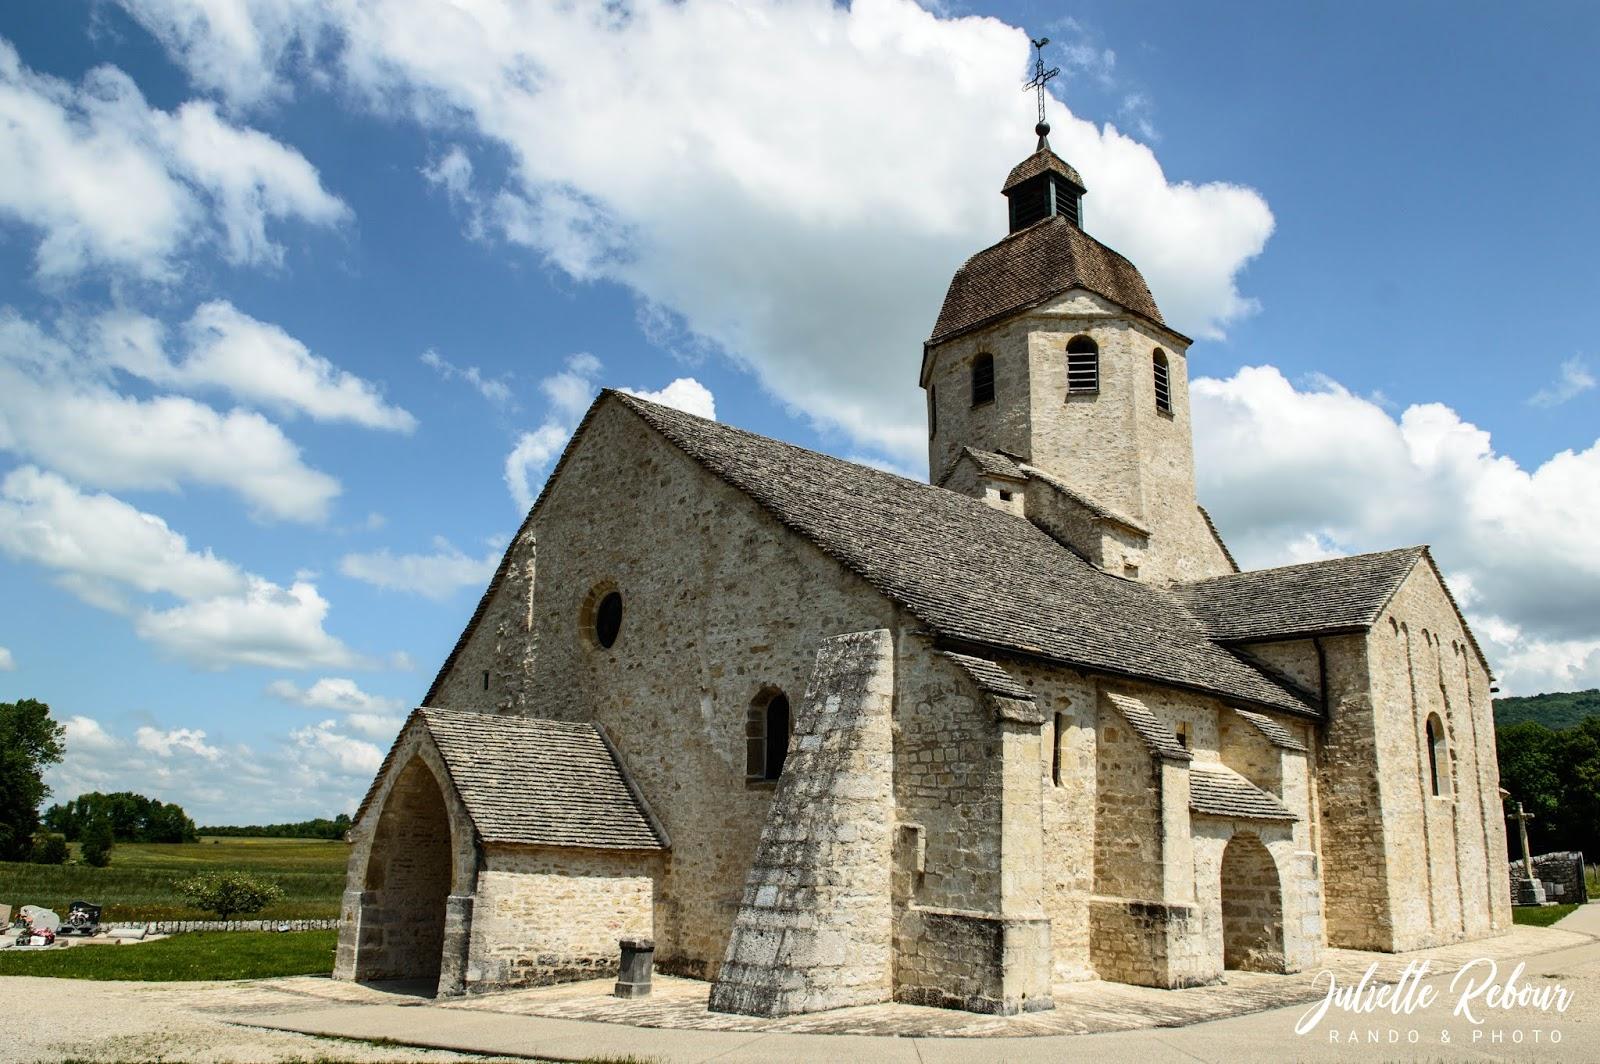 Eglise de Sainte-Hymetière, Jura